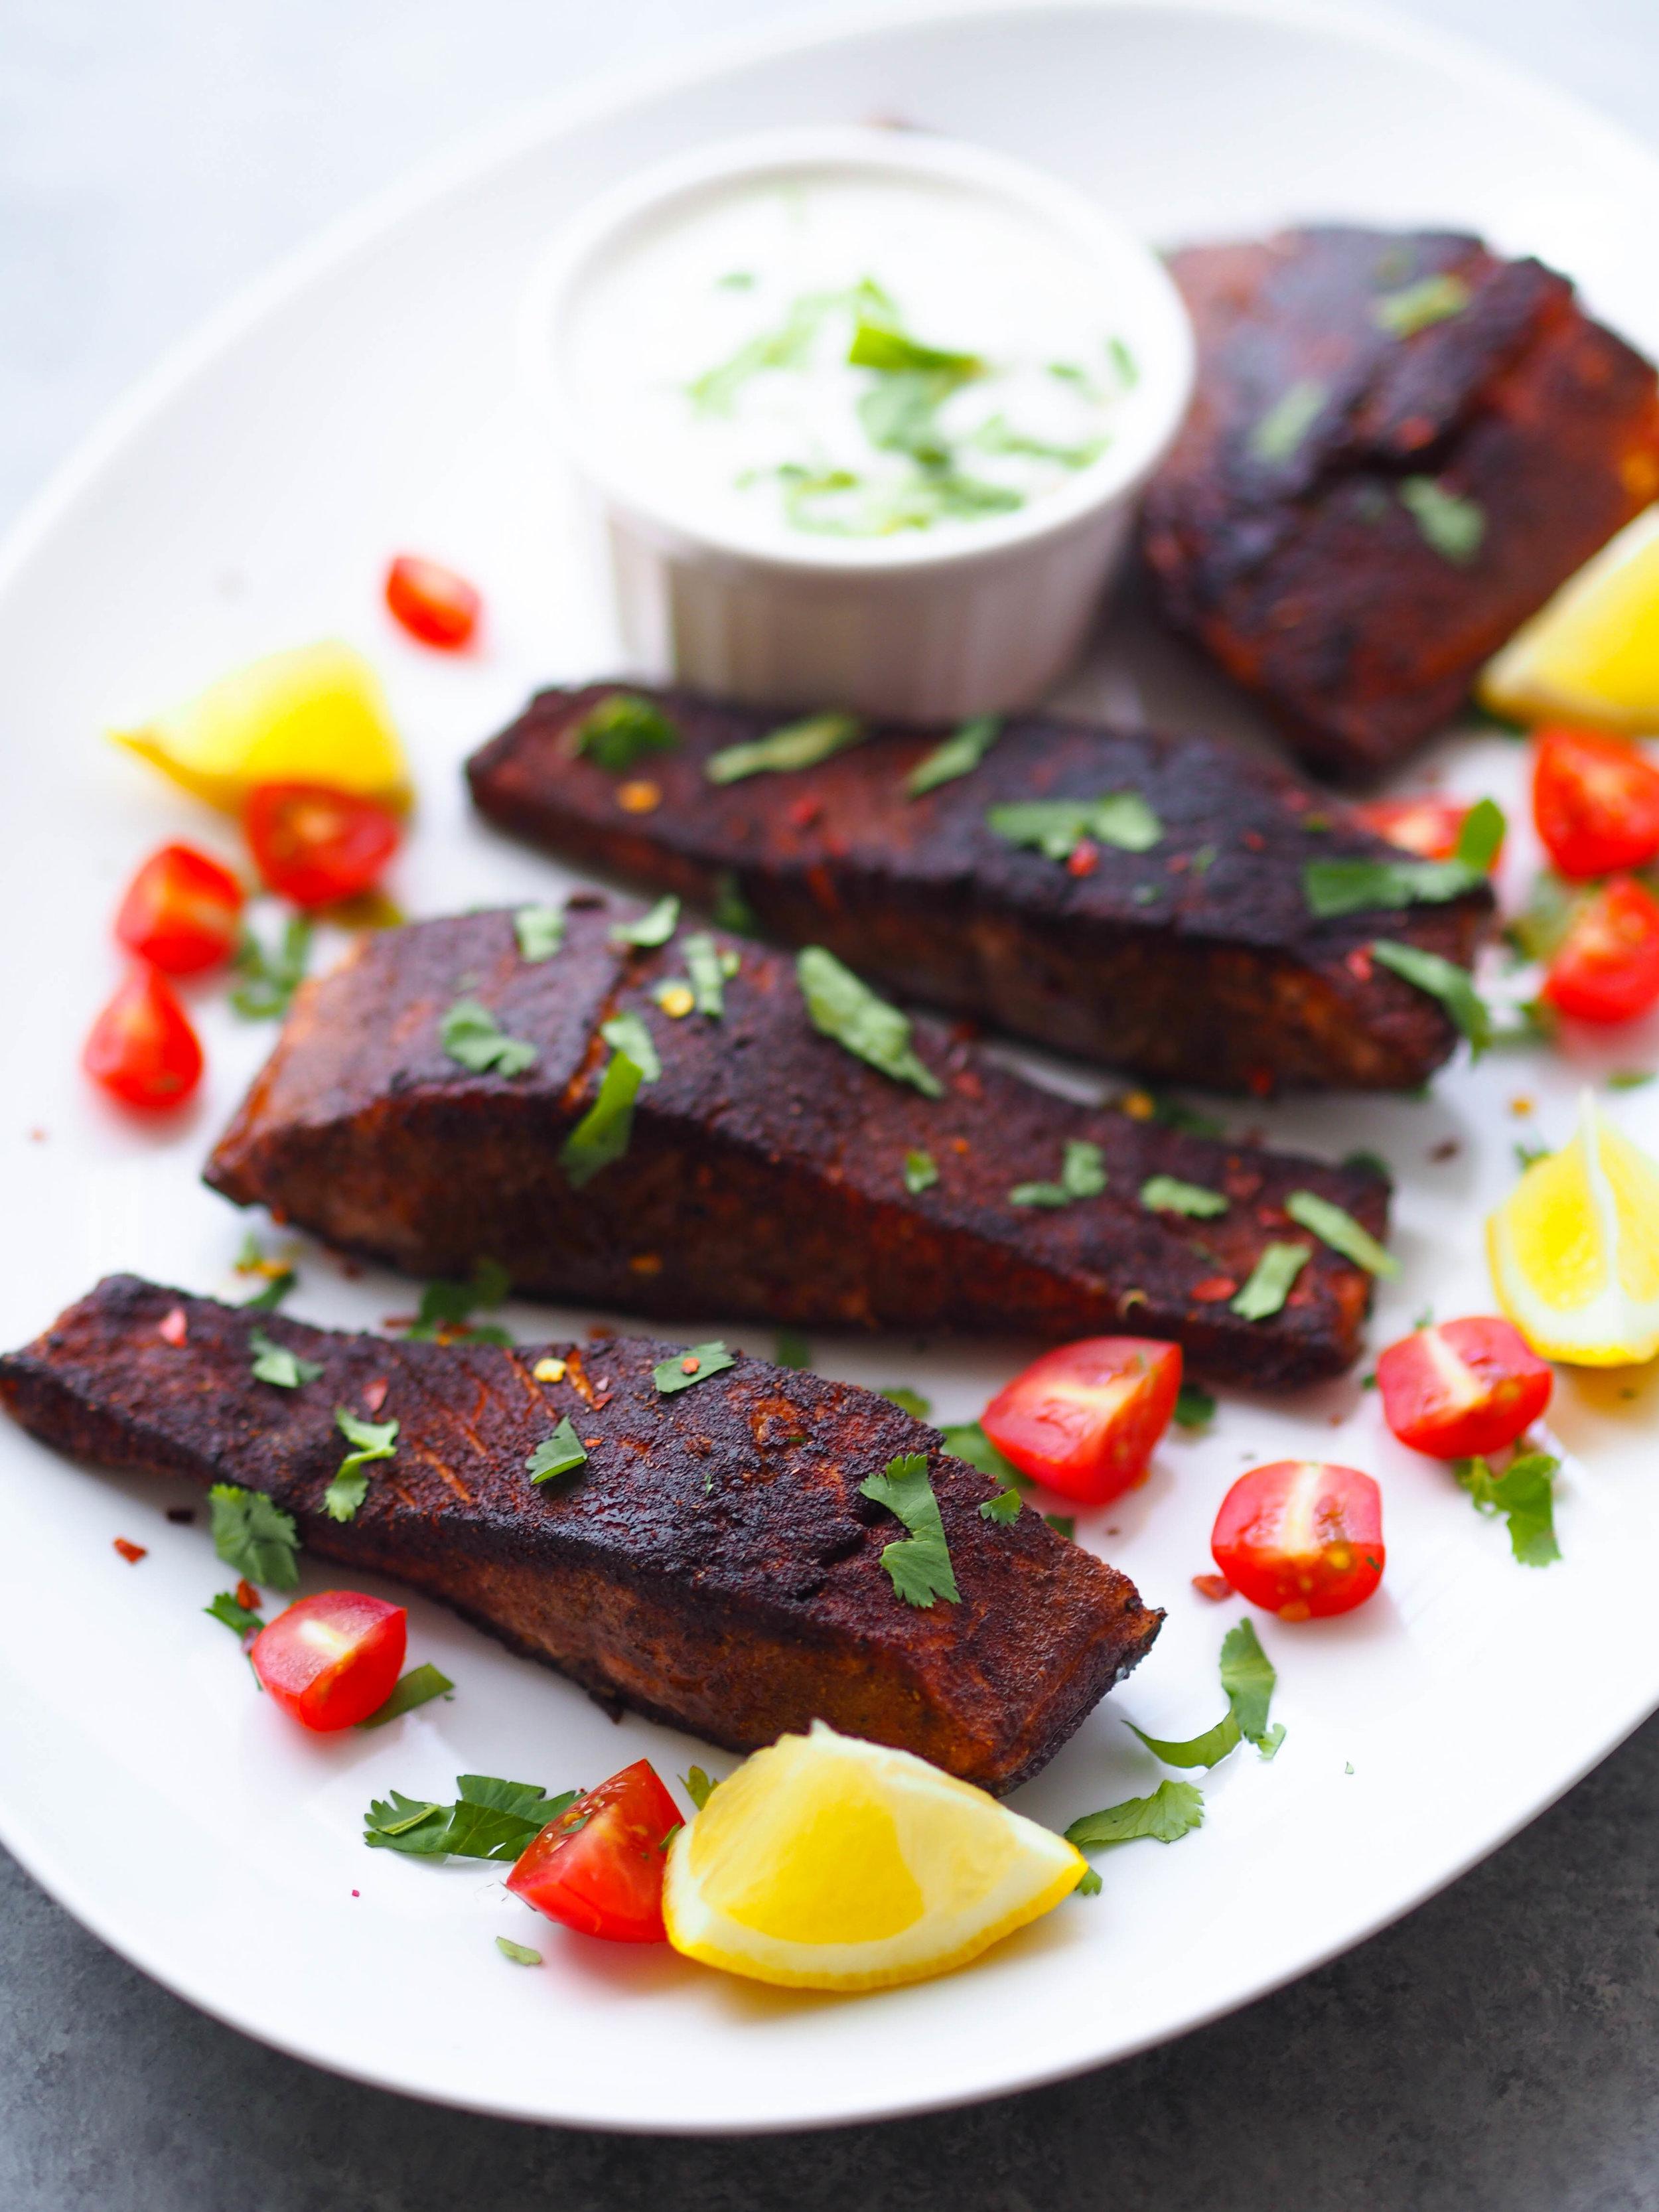 给我按摩,传统的美味的美味佳肴,这类美味的番茄沙拉,美味的素食食谱